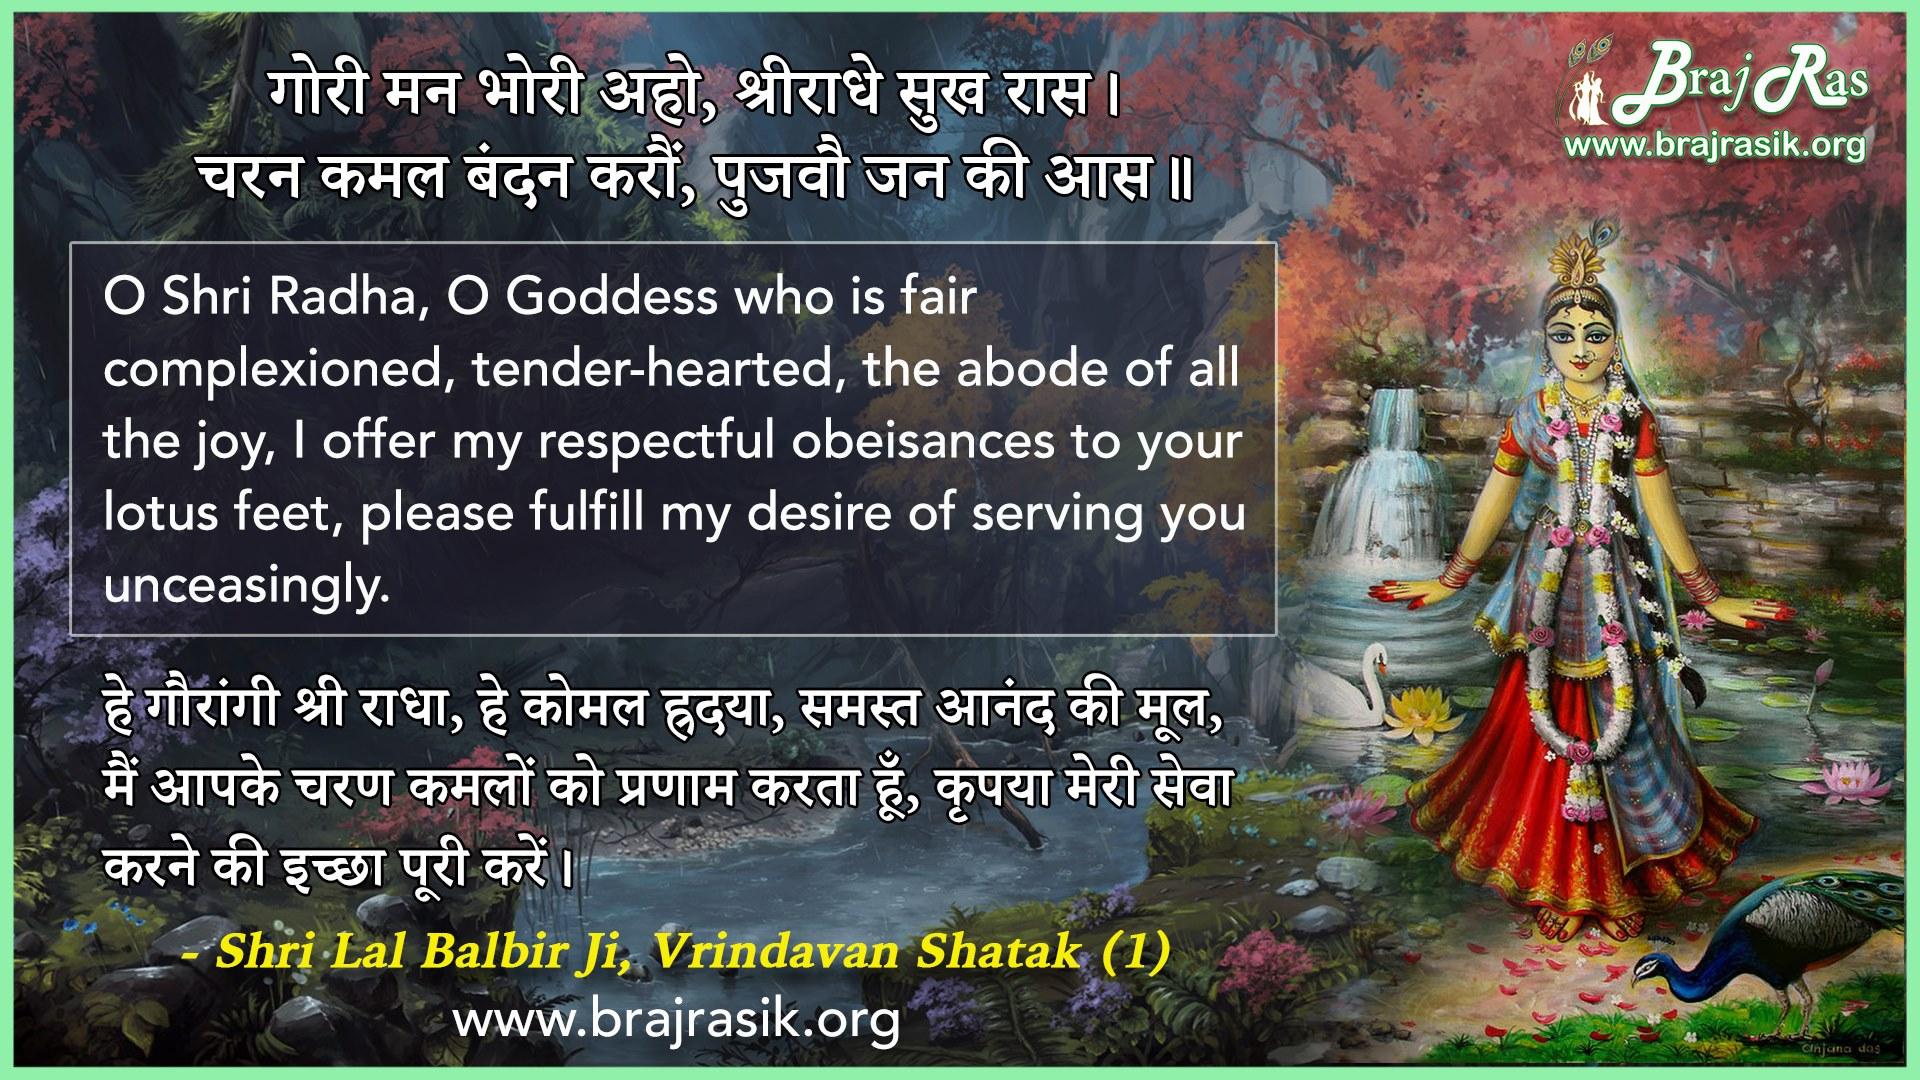 Gori Man Bhori Aho, ShriRadhe Sukh Raas - Shri Lal Balbir Ji, Vrindavan Shatak (1)